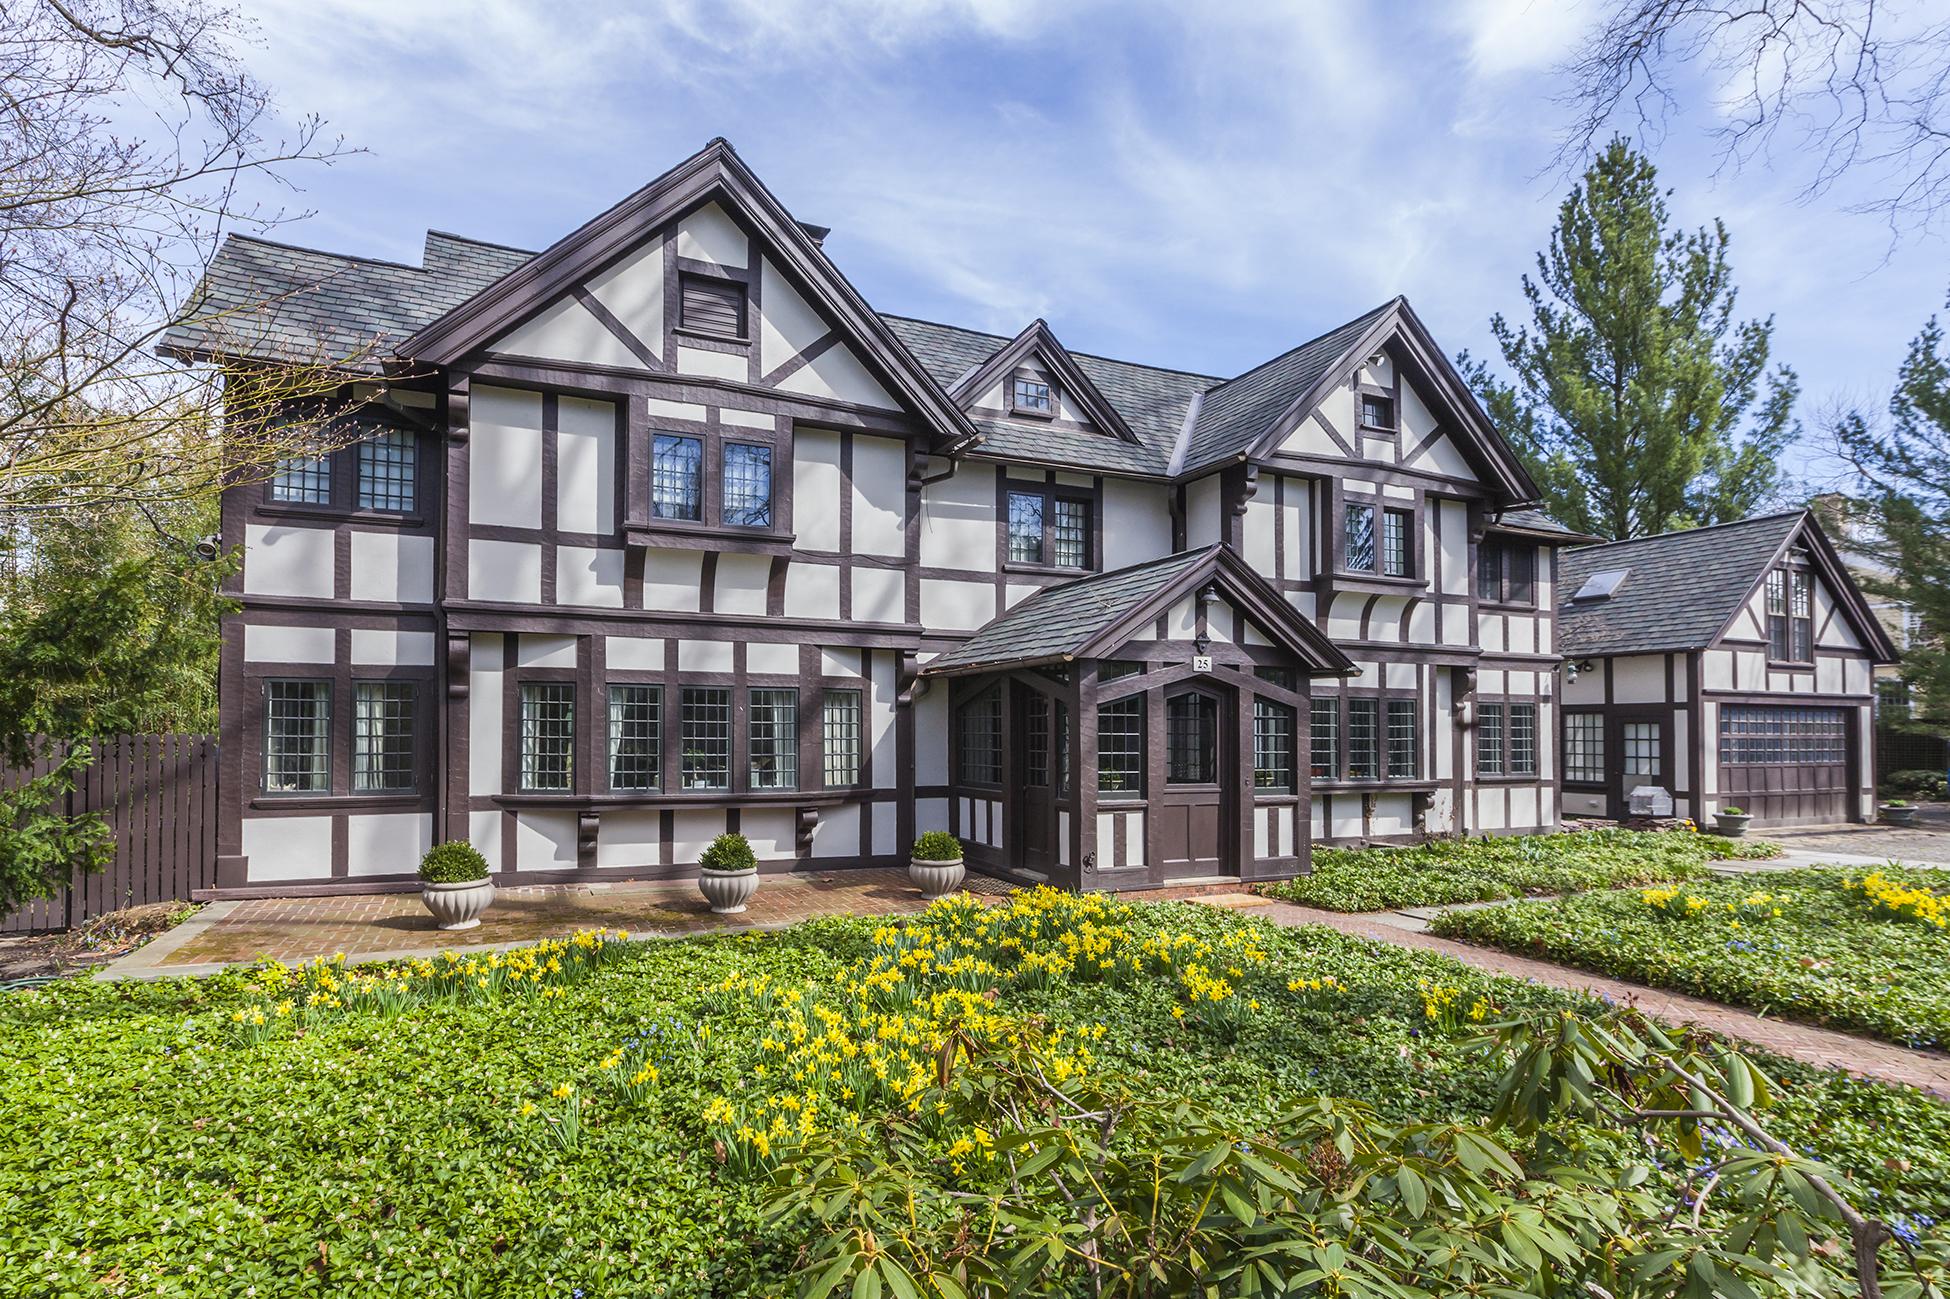 Einfamilienhaus für Verkauf beim The Very Best of Old & New 25 Cleveland Lane Princeton, New Jersey 08540 Vereinigte Staaten